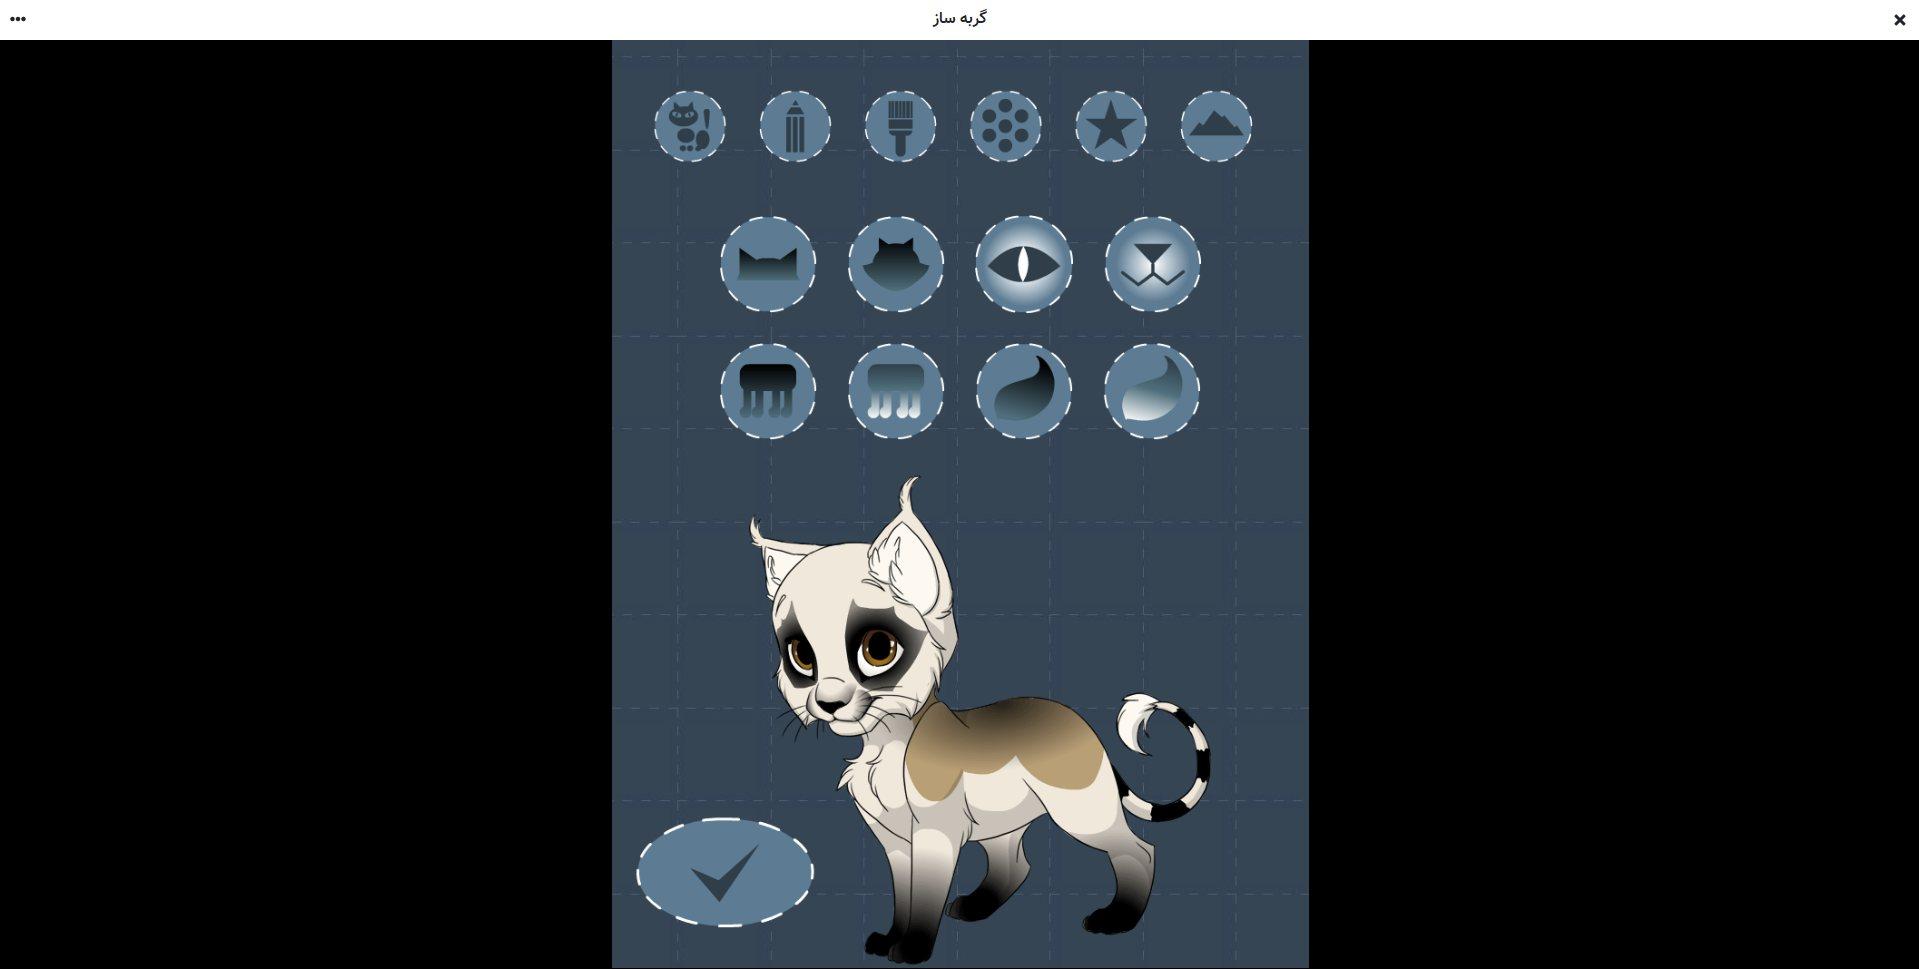 راهنمای بازی آنلاین گربه ساز